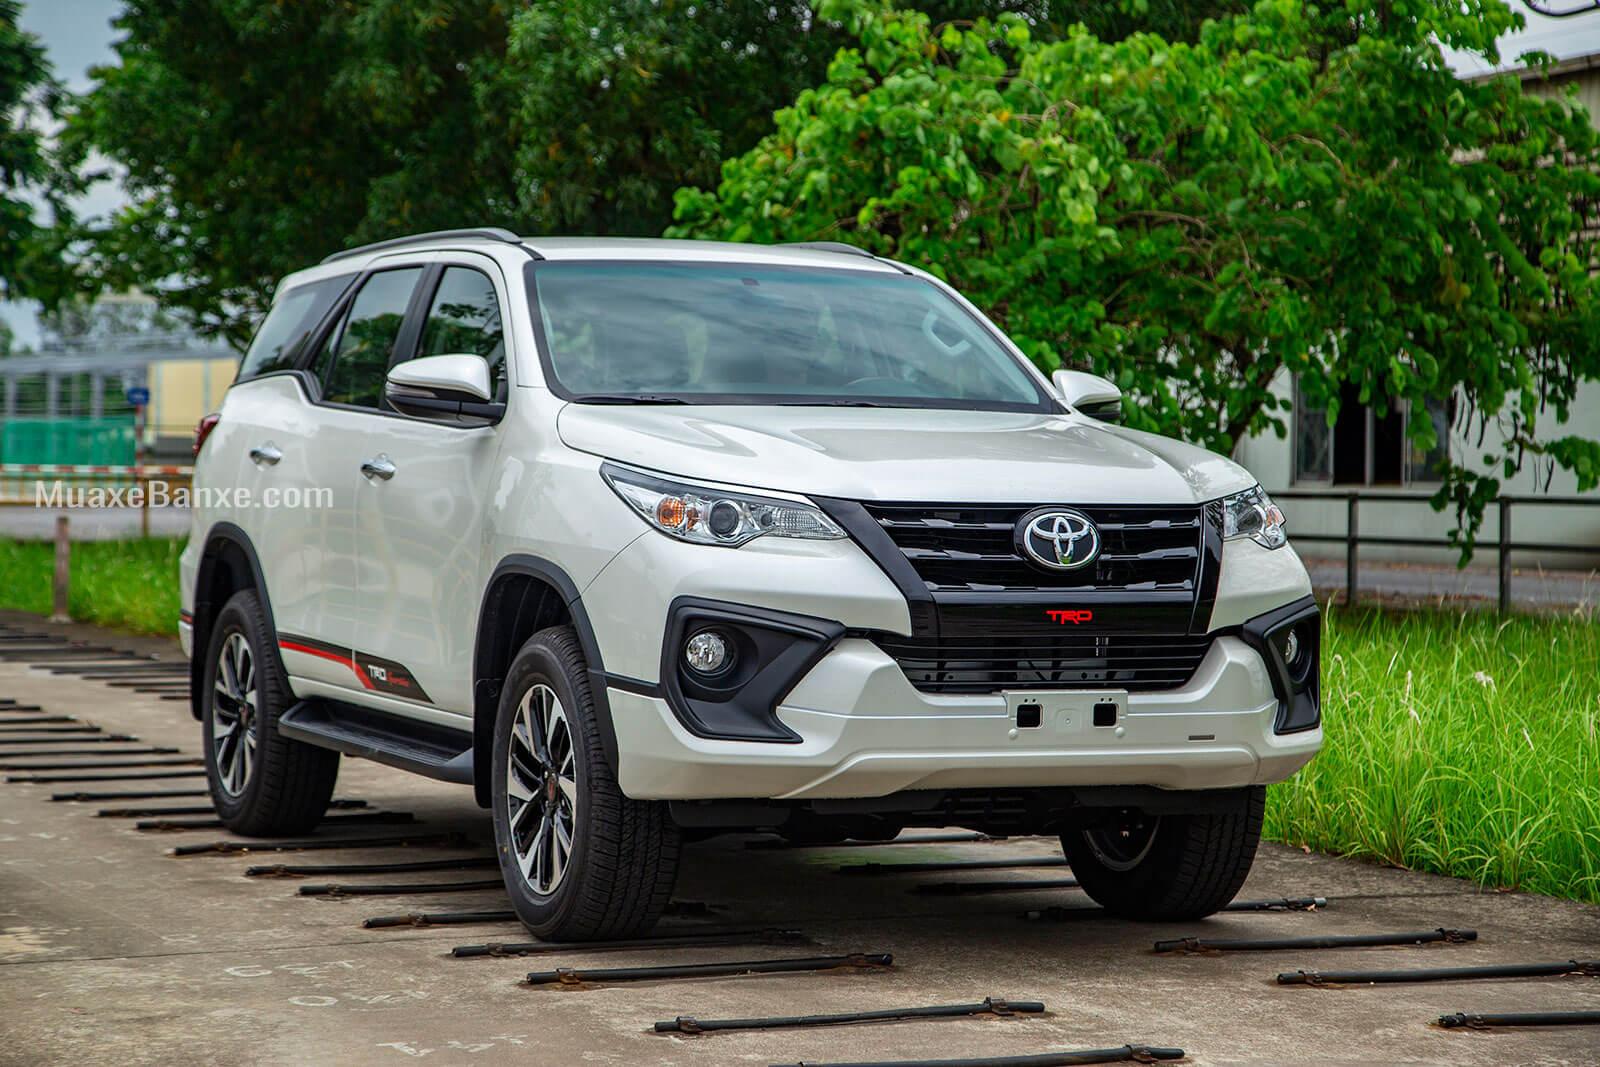 gia xe toyota fortuner trd sportivo 2020 27l 42 may xang toyota tan cang - Đánh giá xe Toyota Fortuner 2021, SUV bán chạy nhất Việt Nam